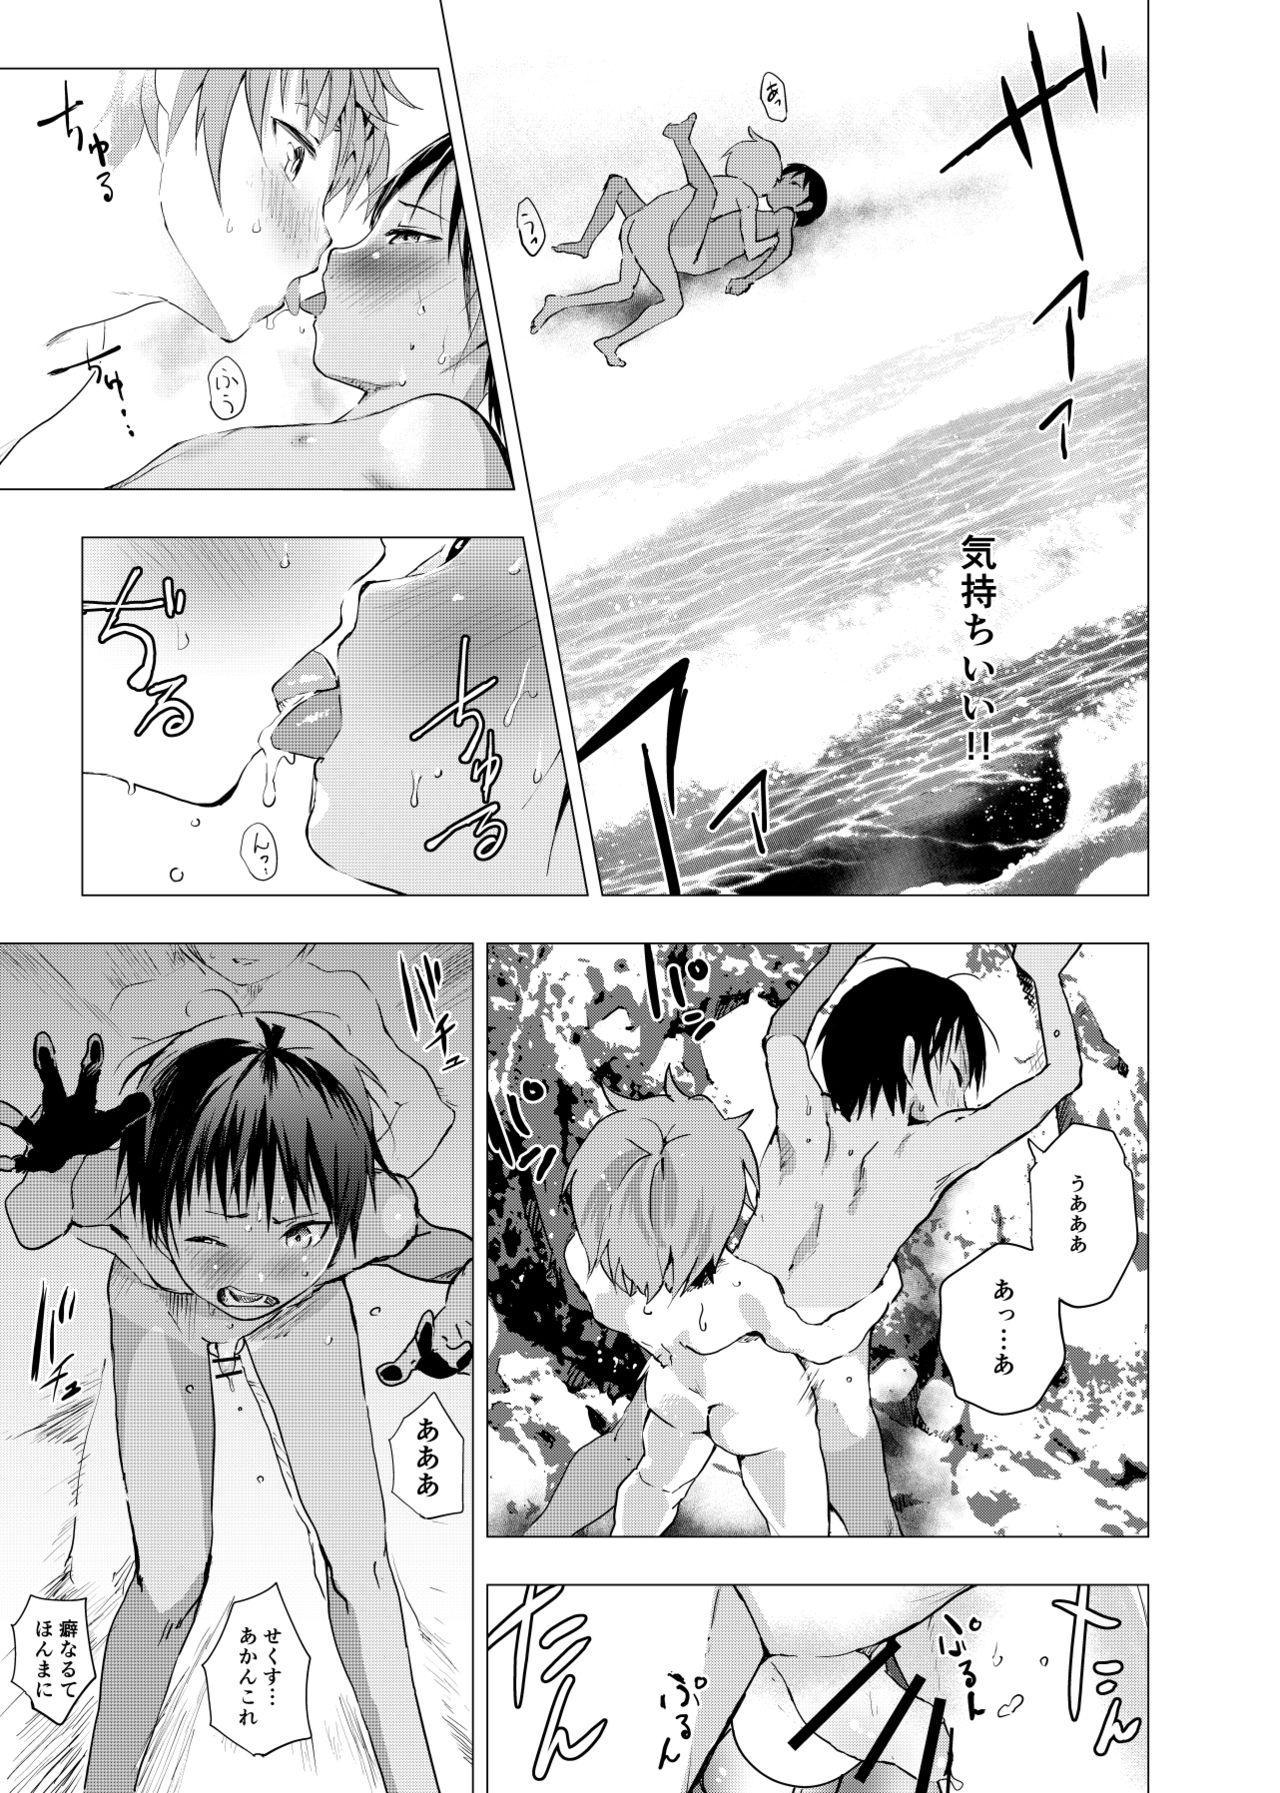 Inaka no Uke Shounen to Tokai no Seme Shounen no Ero Manga 1-6 20